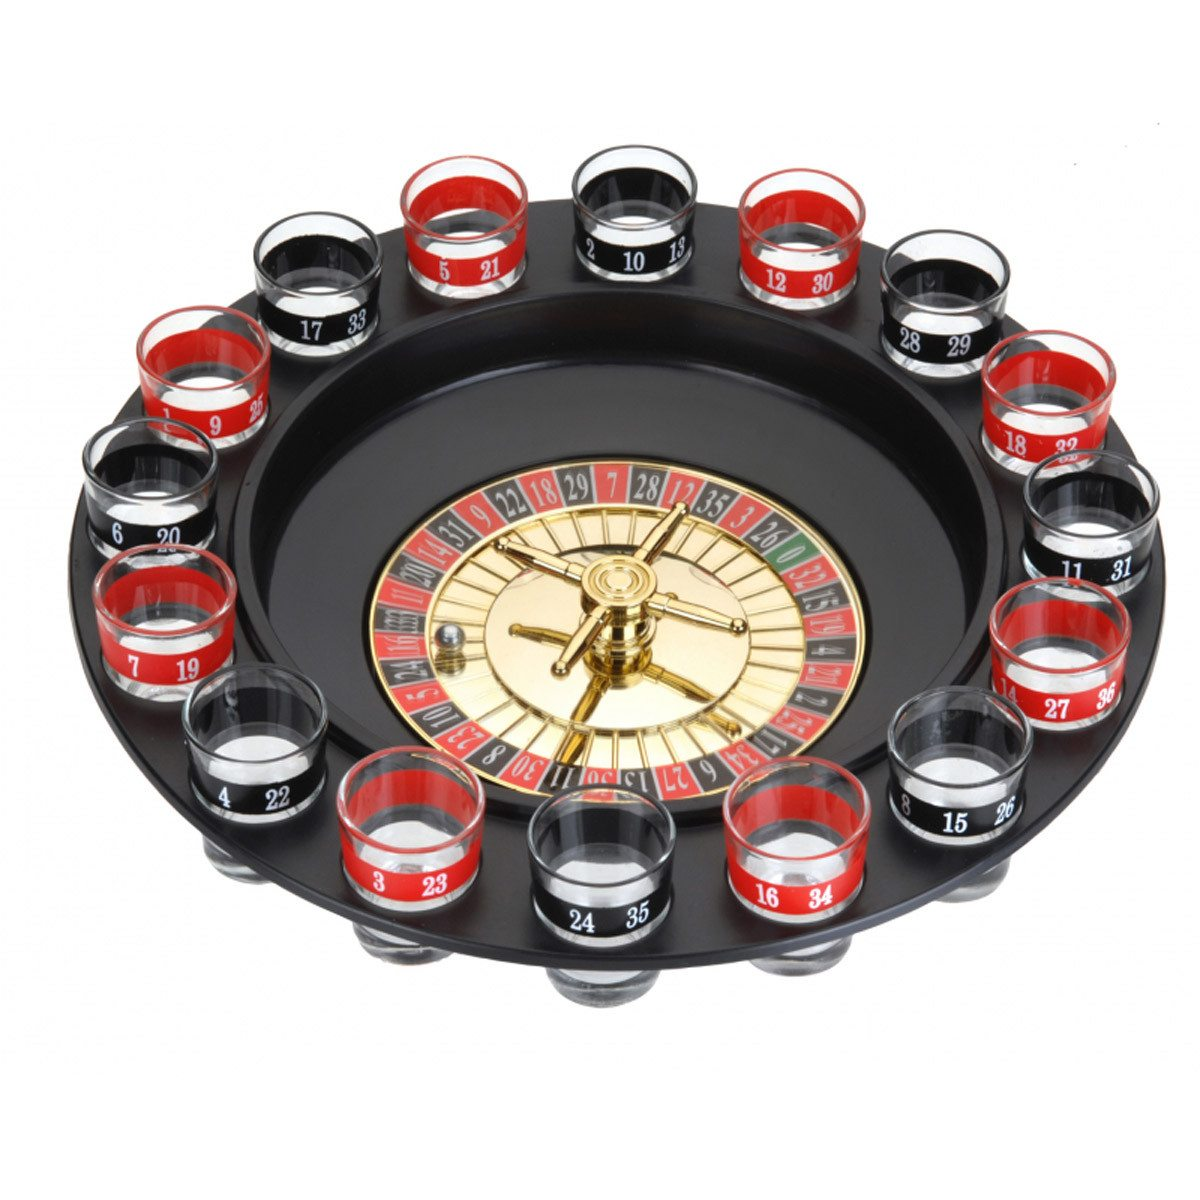 Glaasje op, speel roulette!